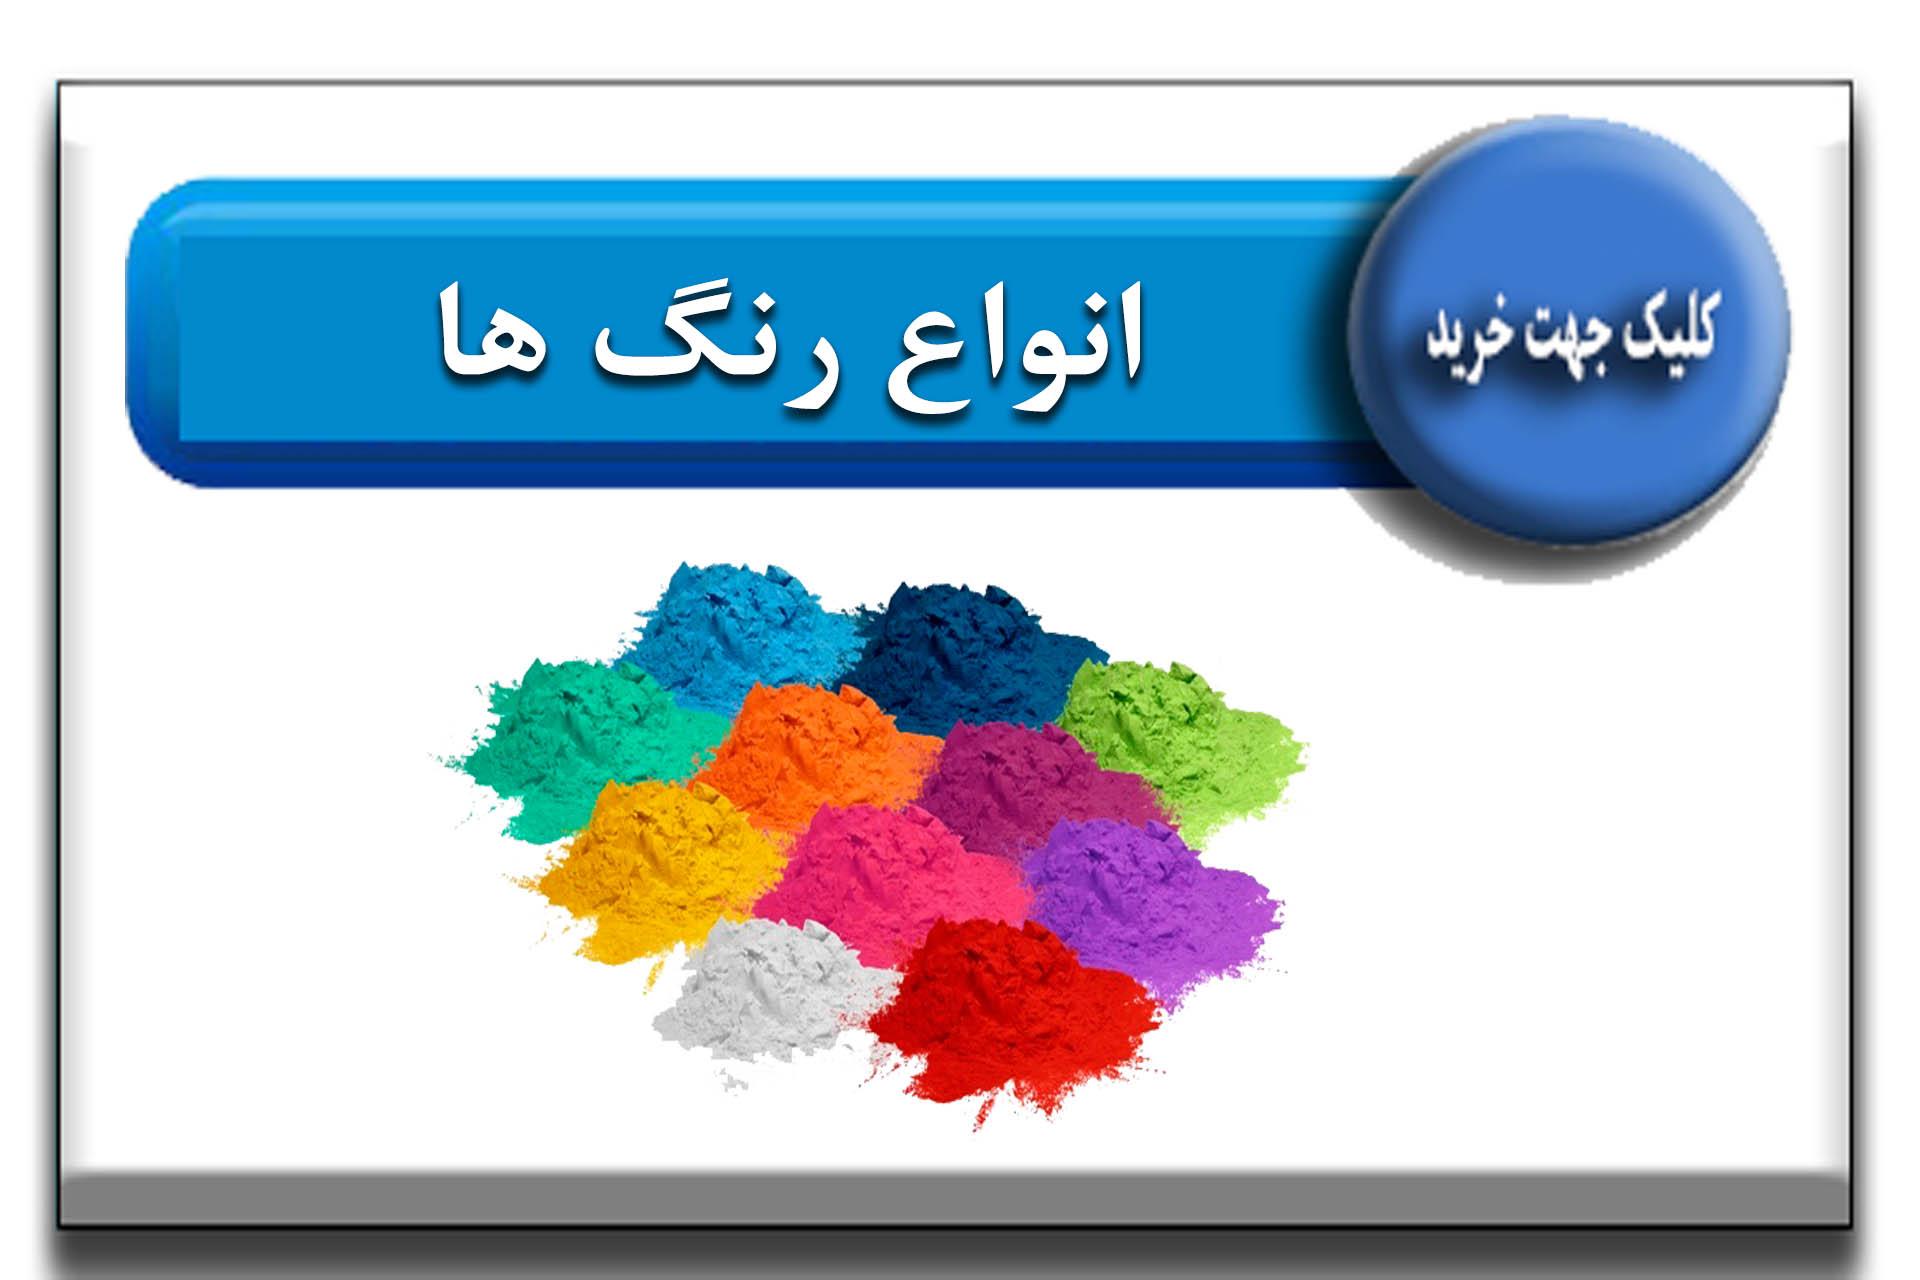 انواع رنگ ها